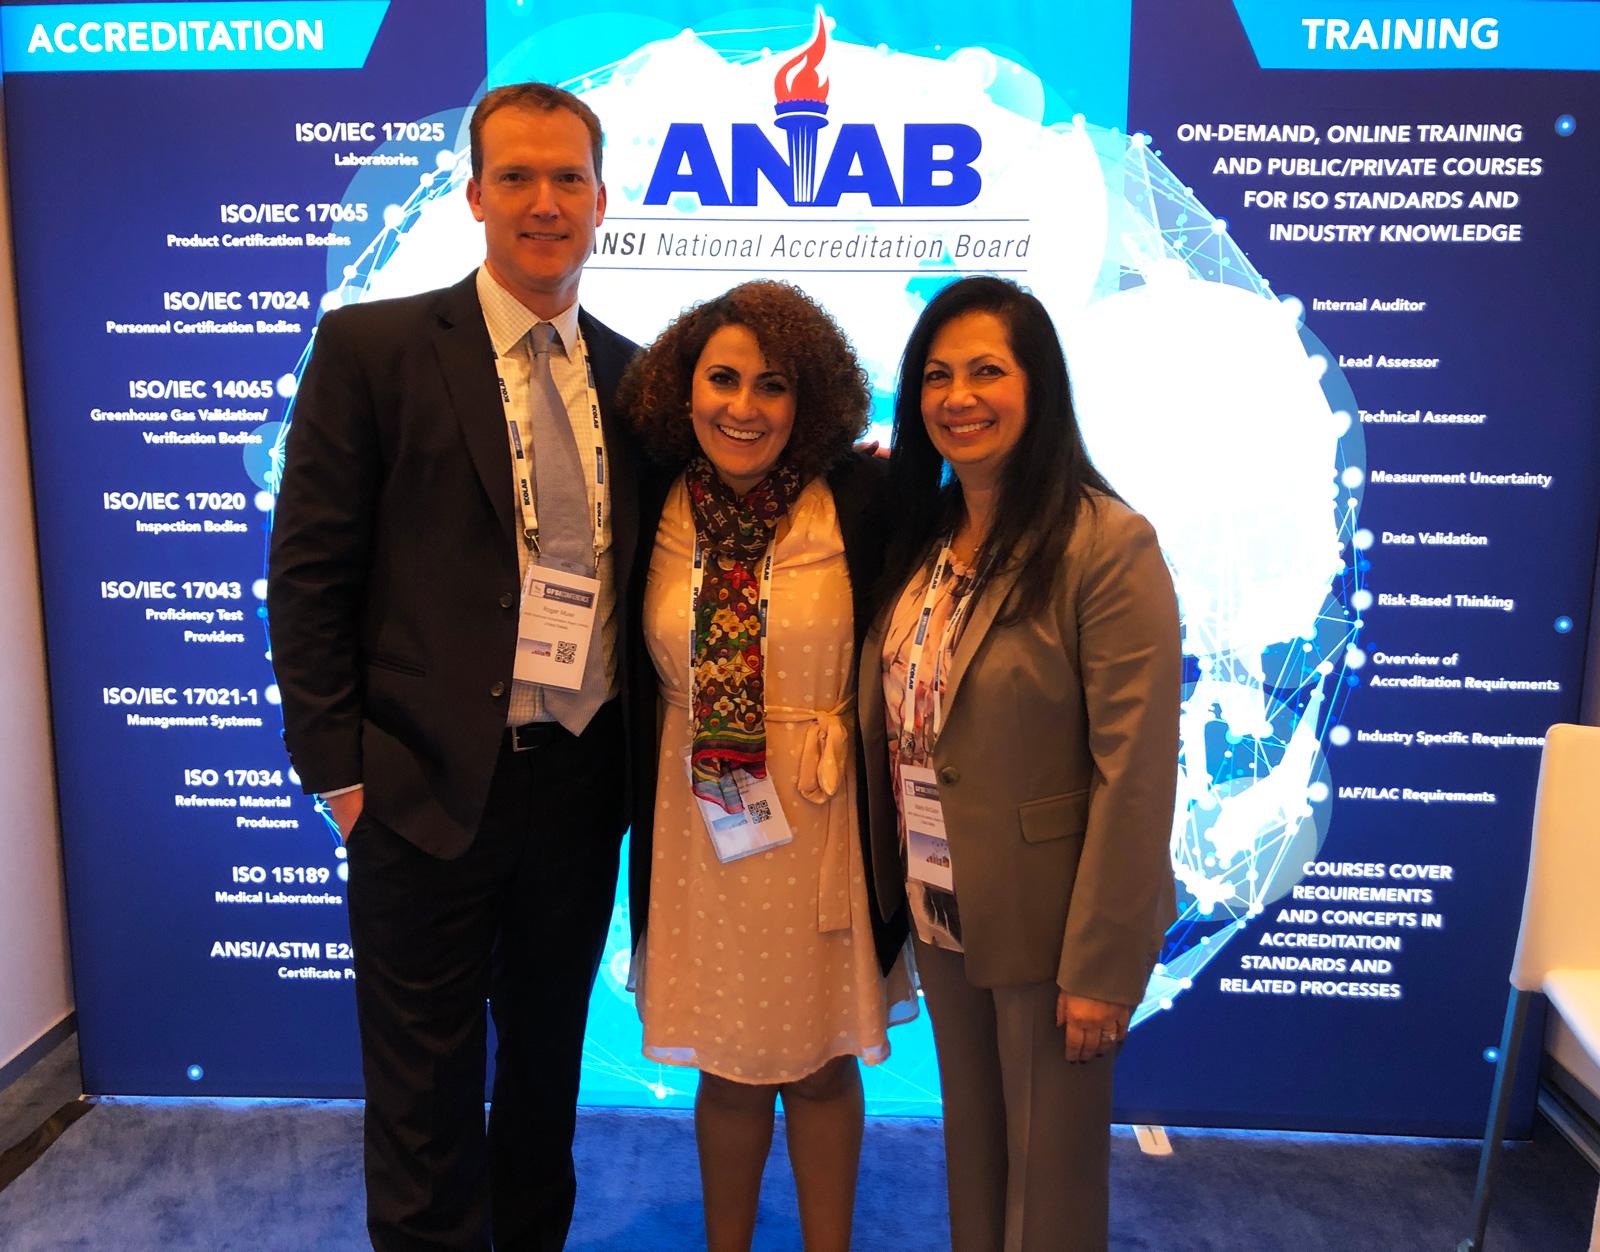 ANAB Sample 3